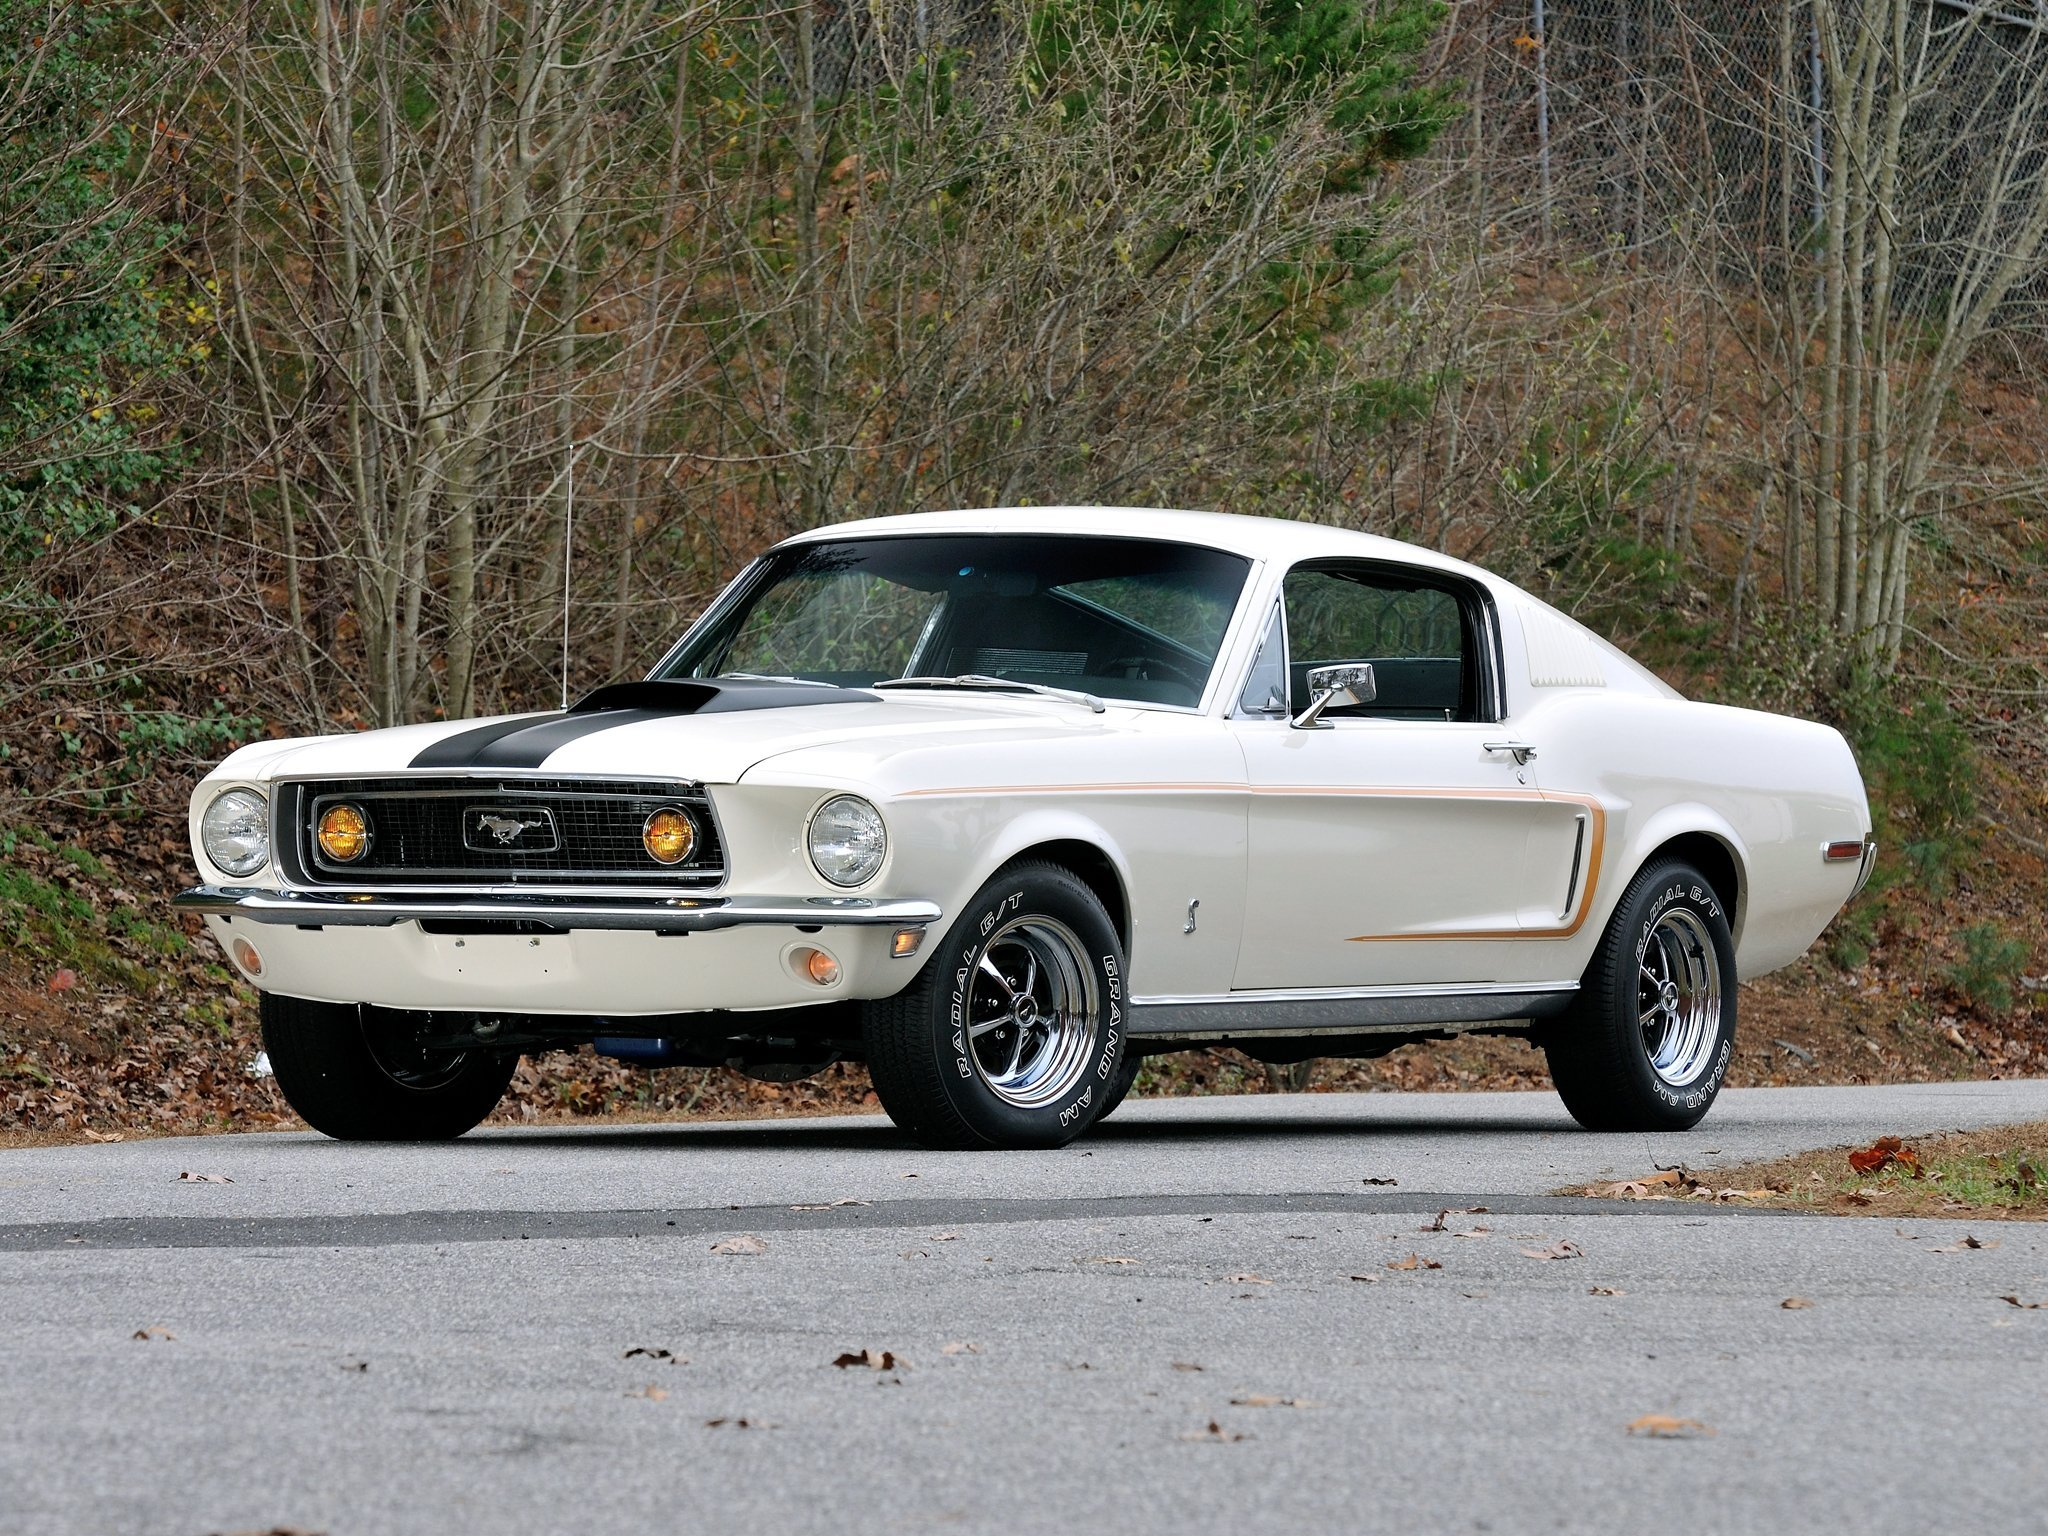 1968 Mustang Wallpaper Wallpapersafari